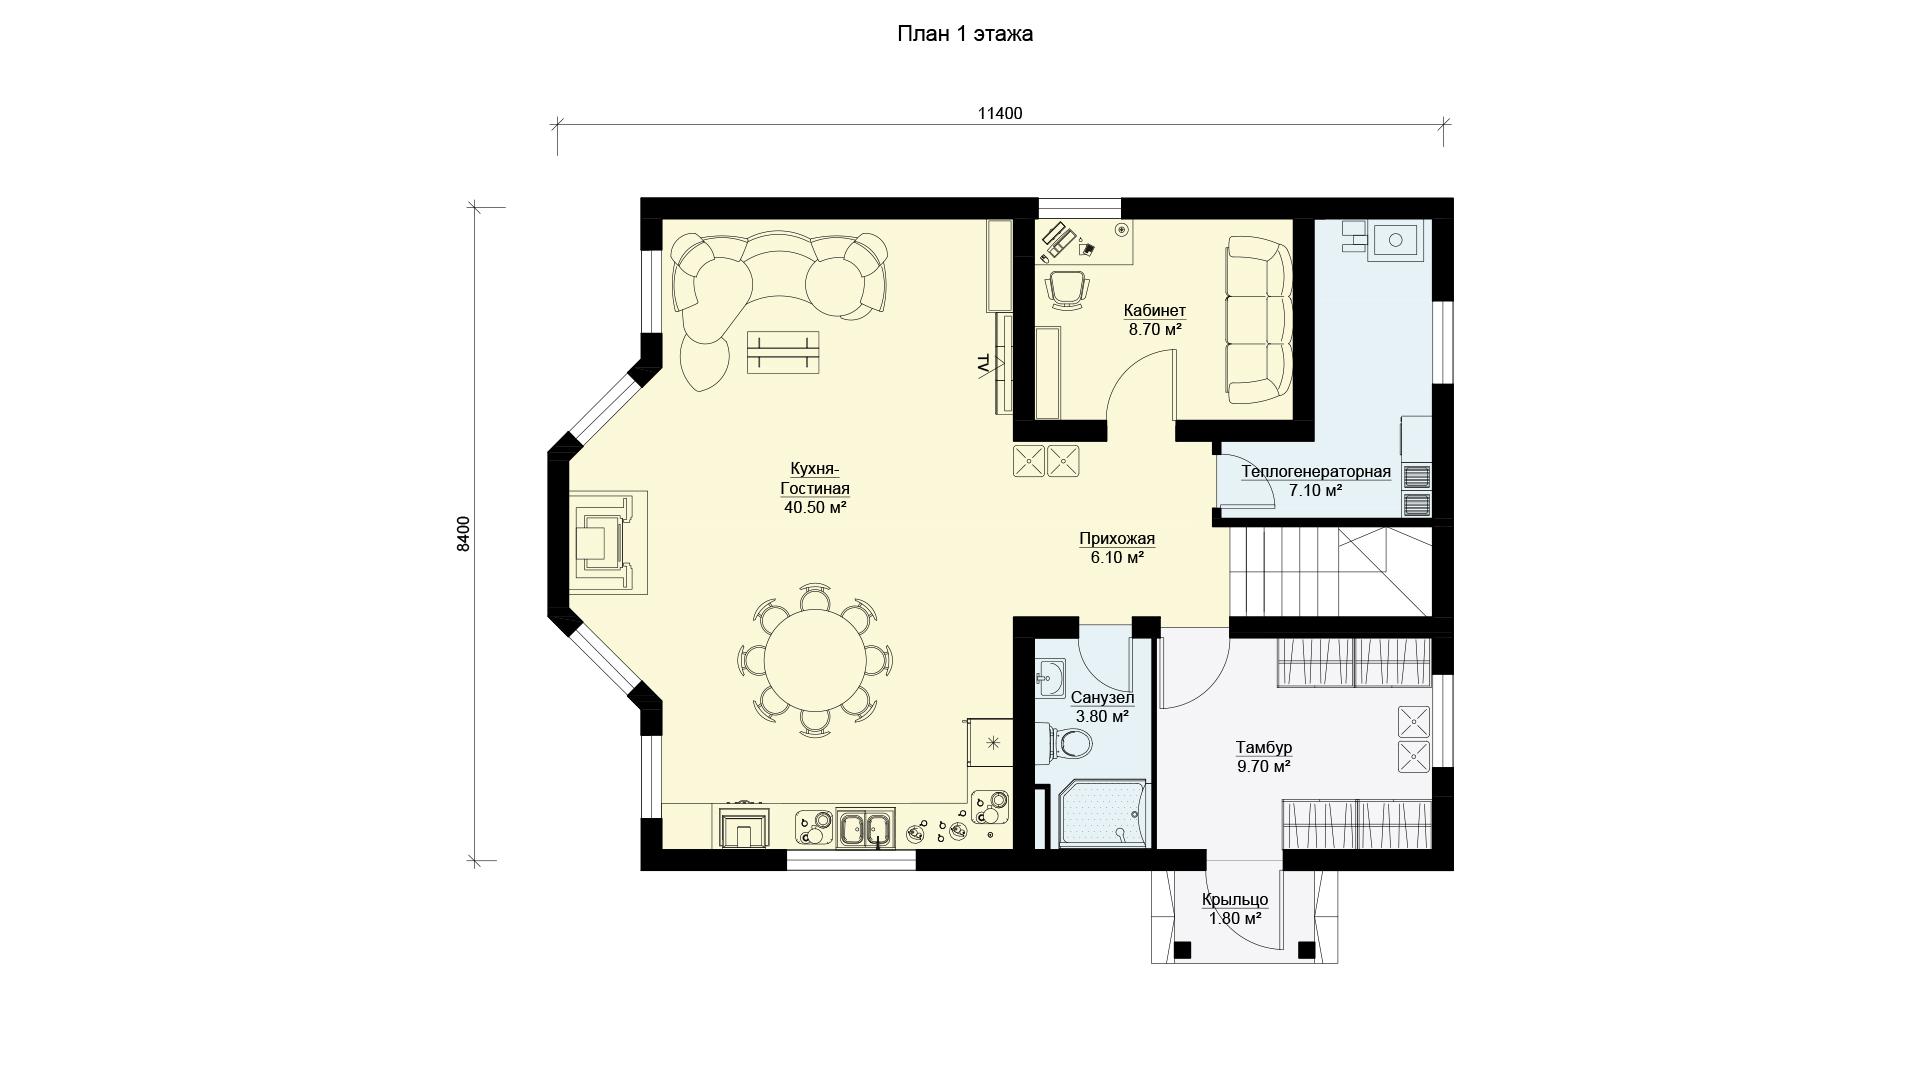 План первого этажа двухэтажного дома с камином и эркером, проект БЭНПАН МС-143.